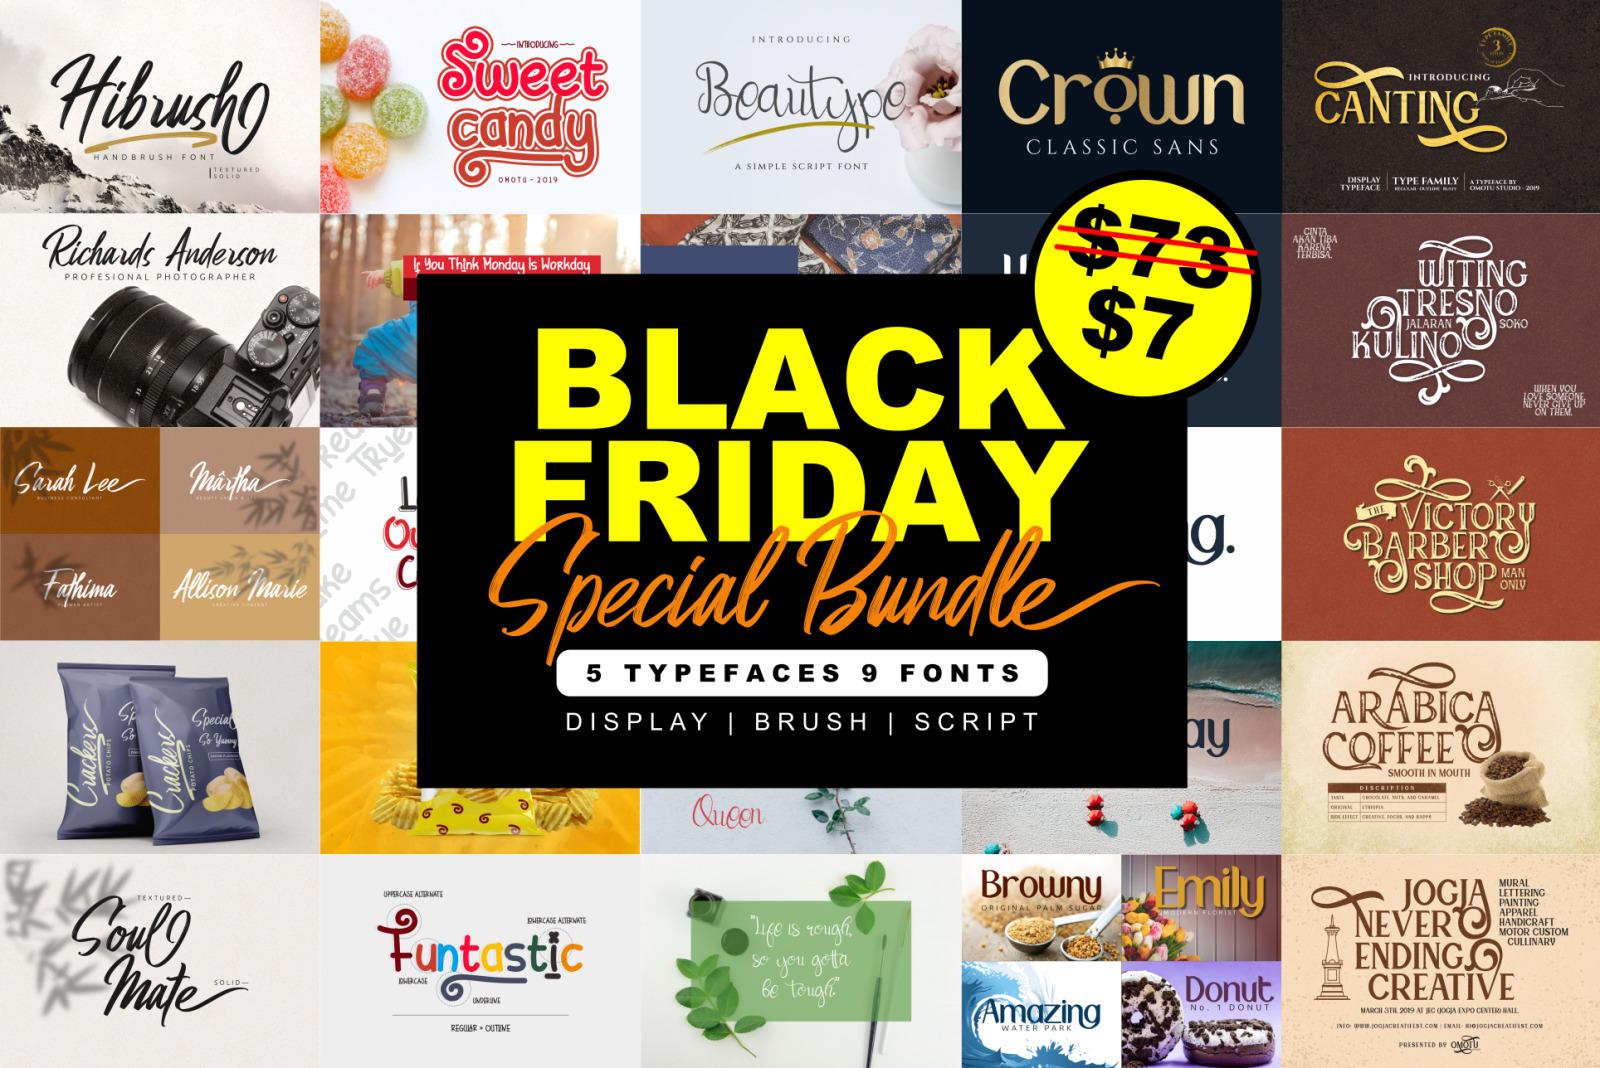 Black Friday Special Bundle Vol. 2